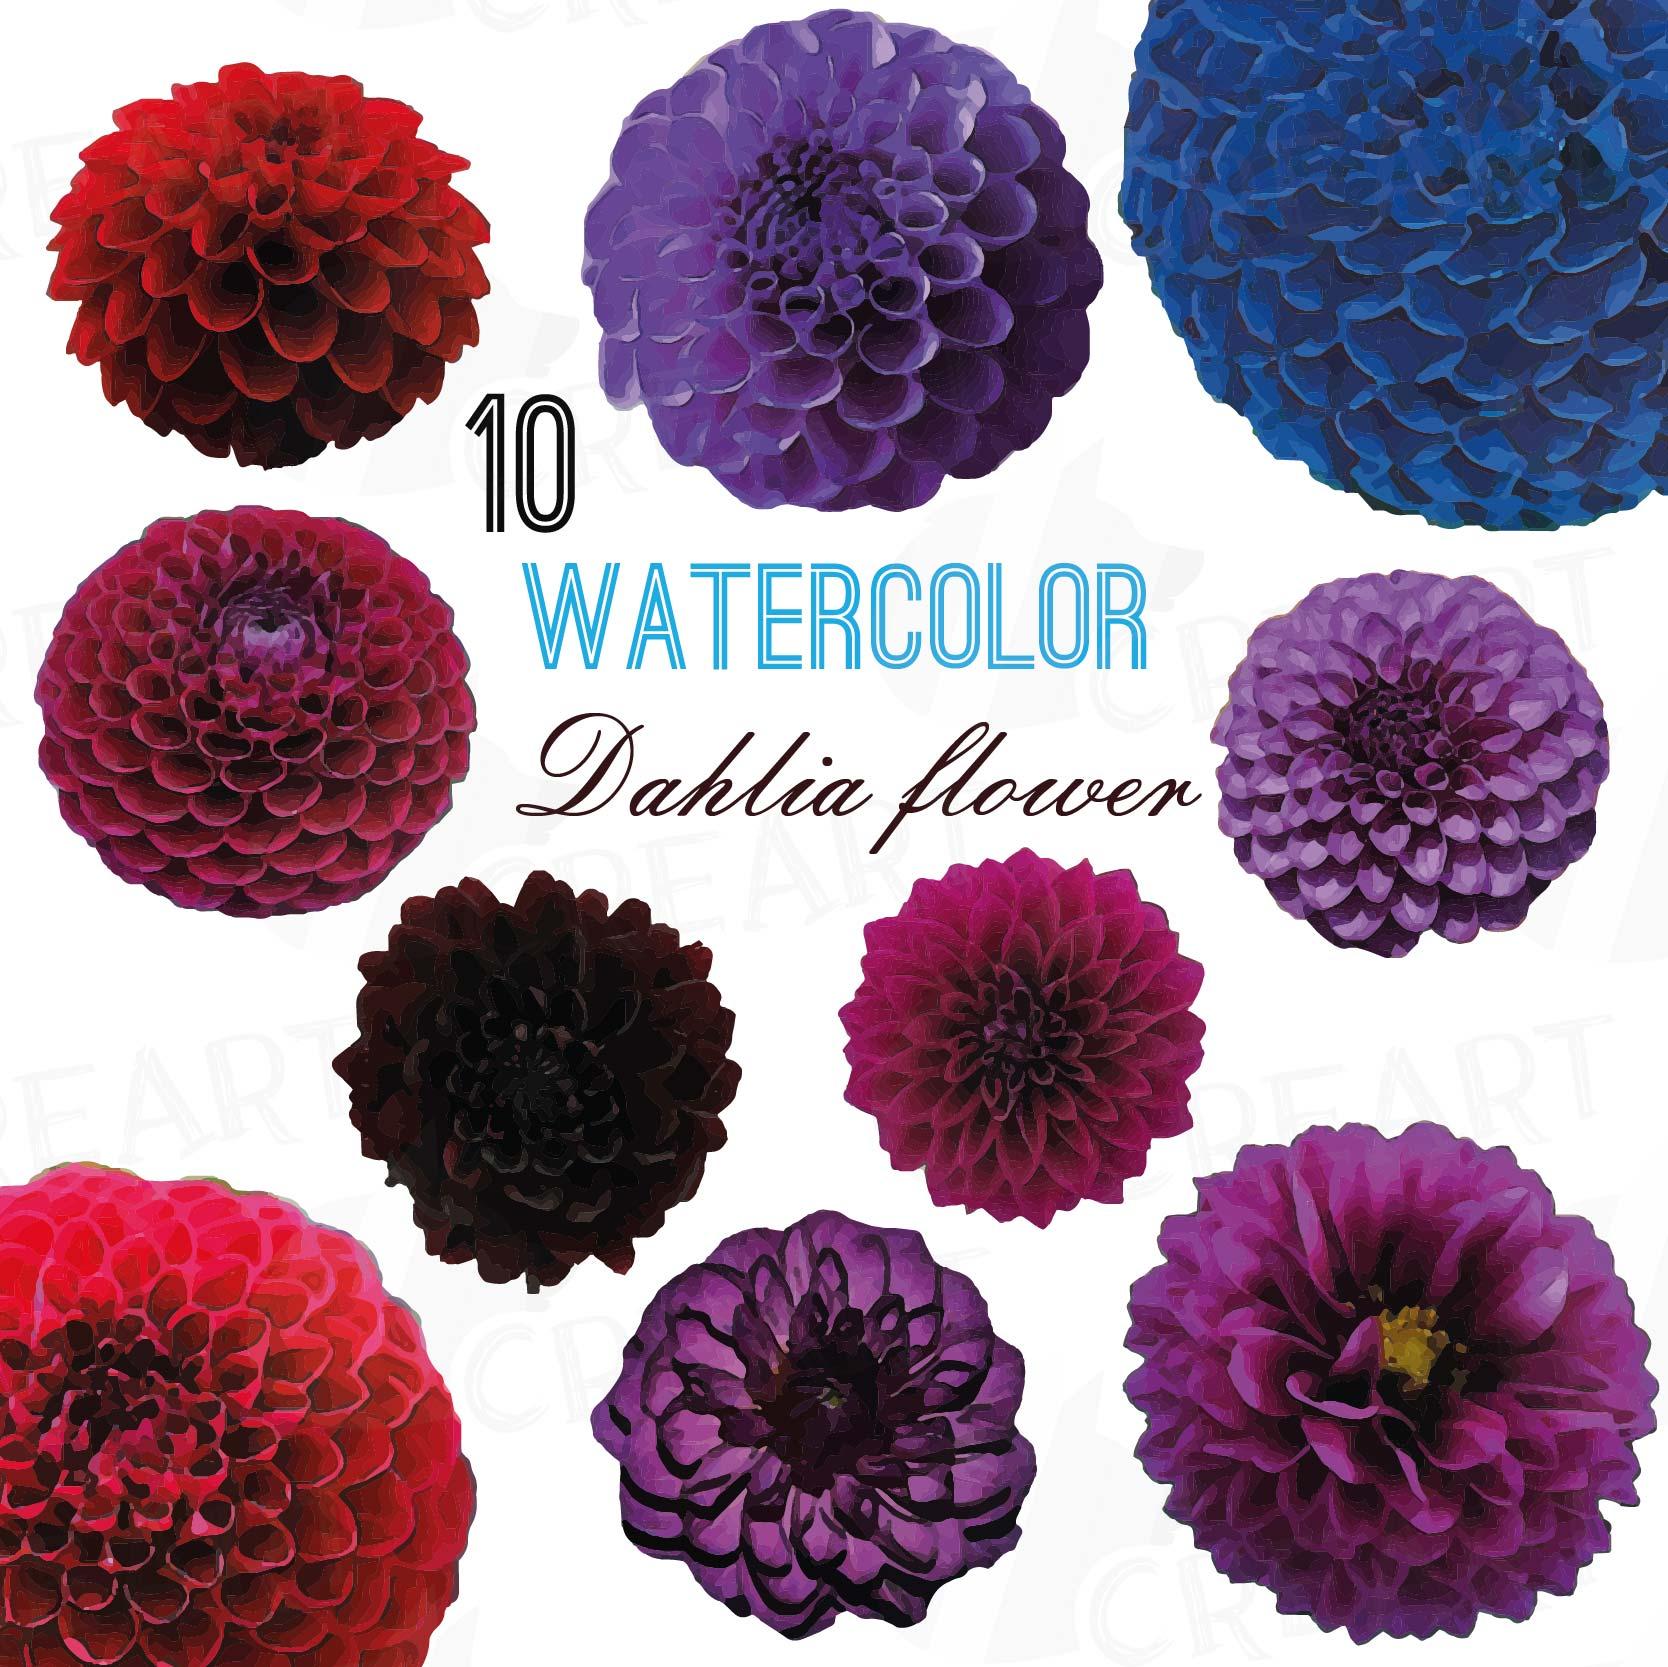 Watercolor Dahlia Flower Clip Art Pack Watercolor Purple Dahlia